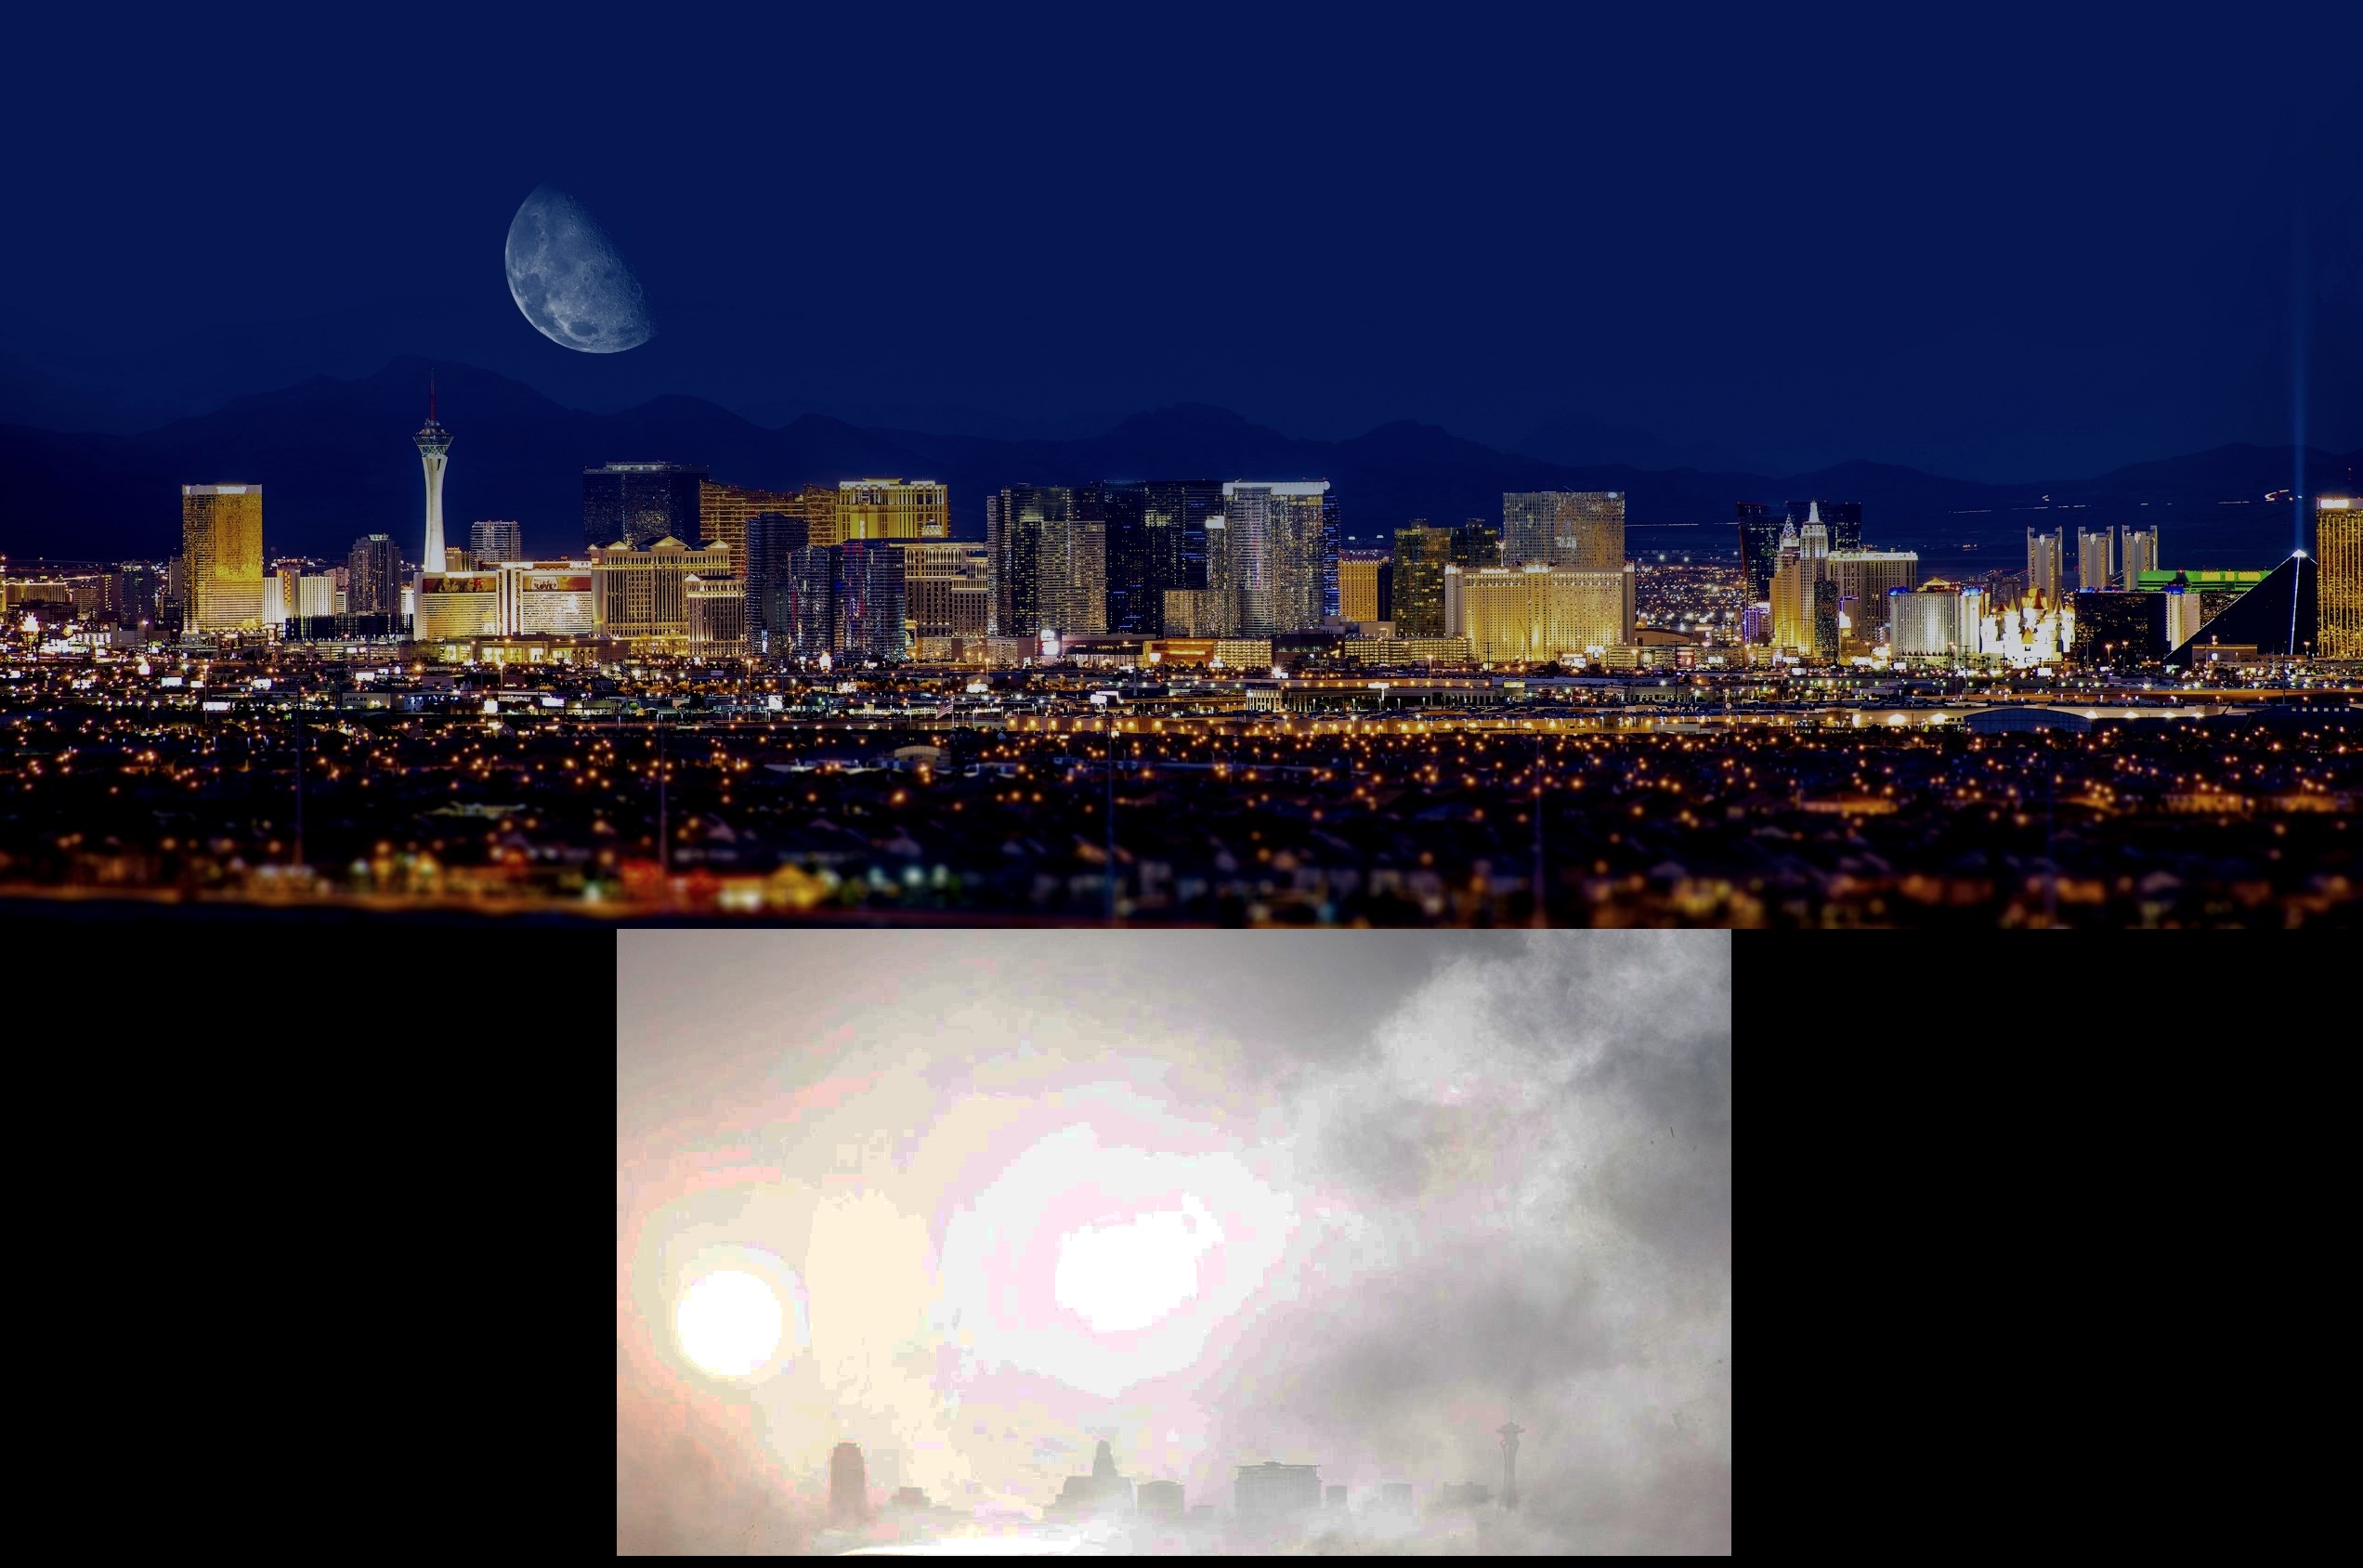 Il nuovo capitolo di Need for Speed sarà ambientato a Las Vegas?